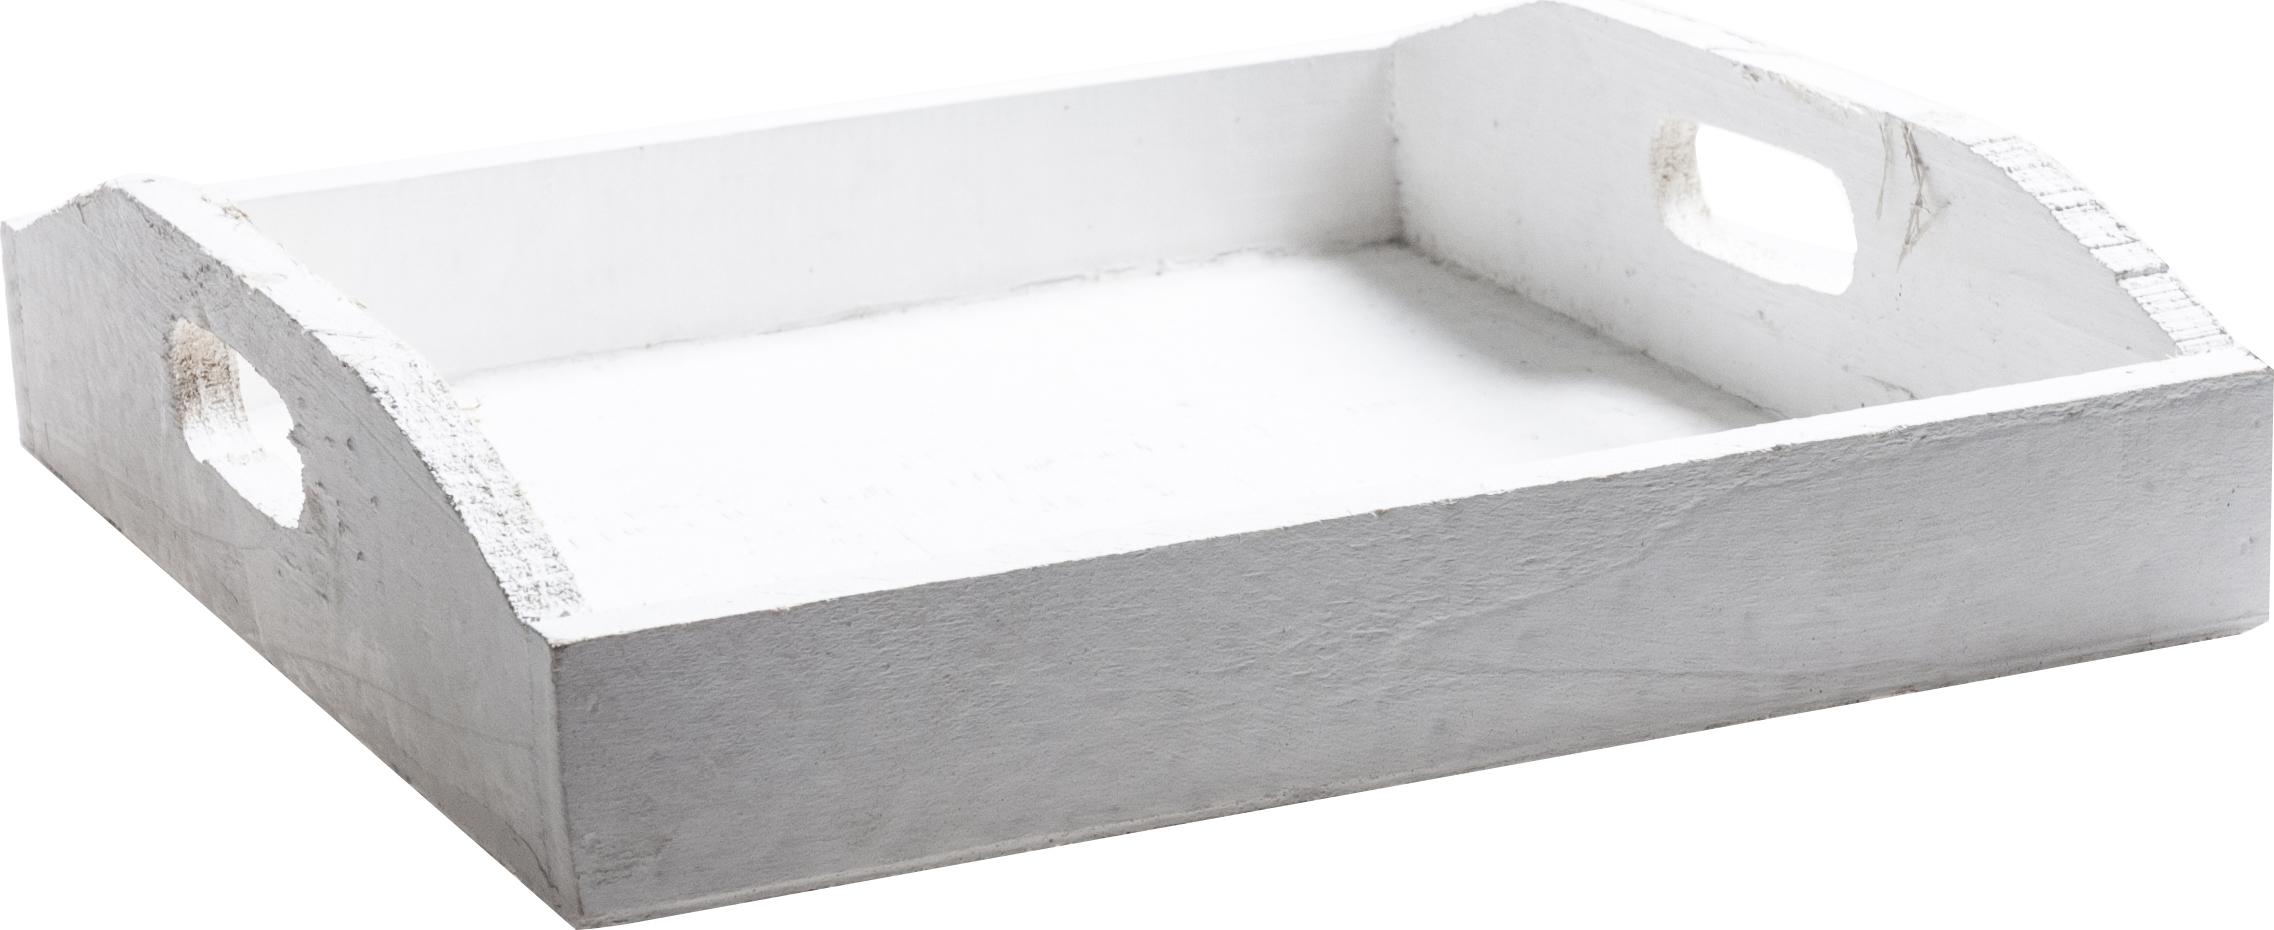 ID Dřevěný tác   dekorace   servírování   22x22x3cm Barva: bílá